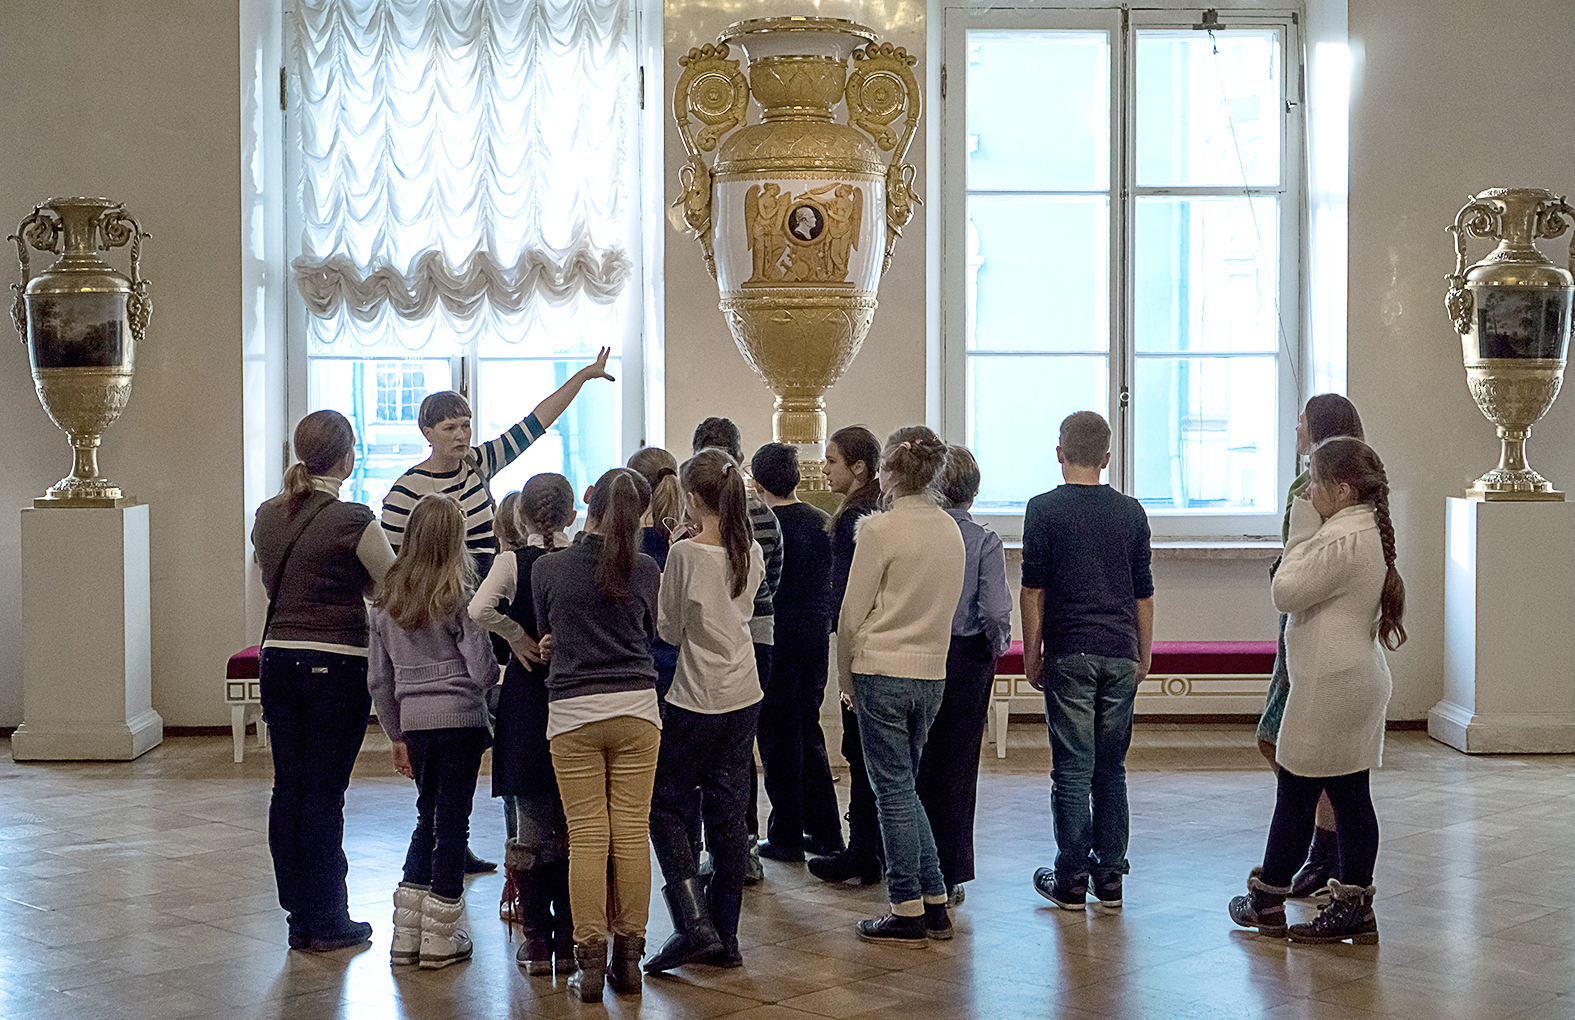 Látogatók a szentpétervári Ermitázs múzeumban 2014-ben #moszkvater